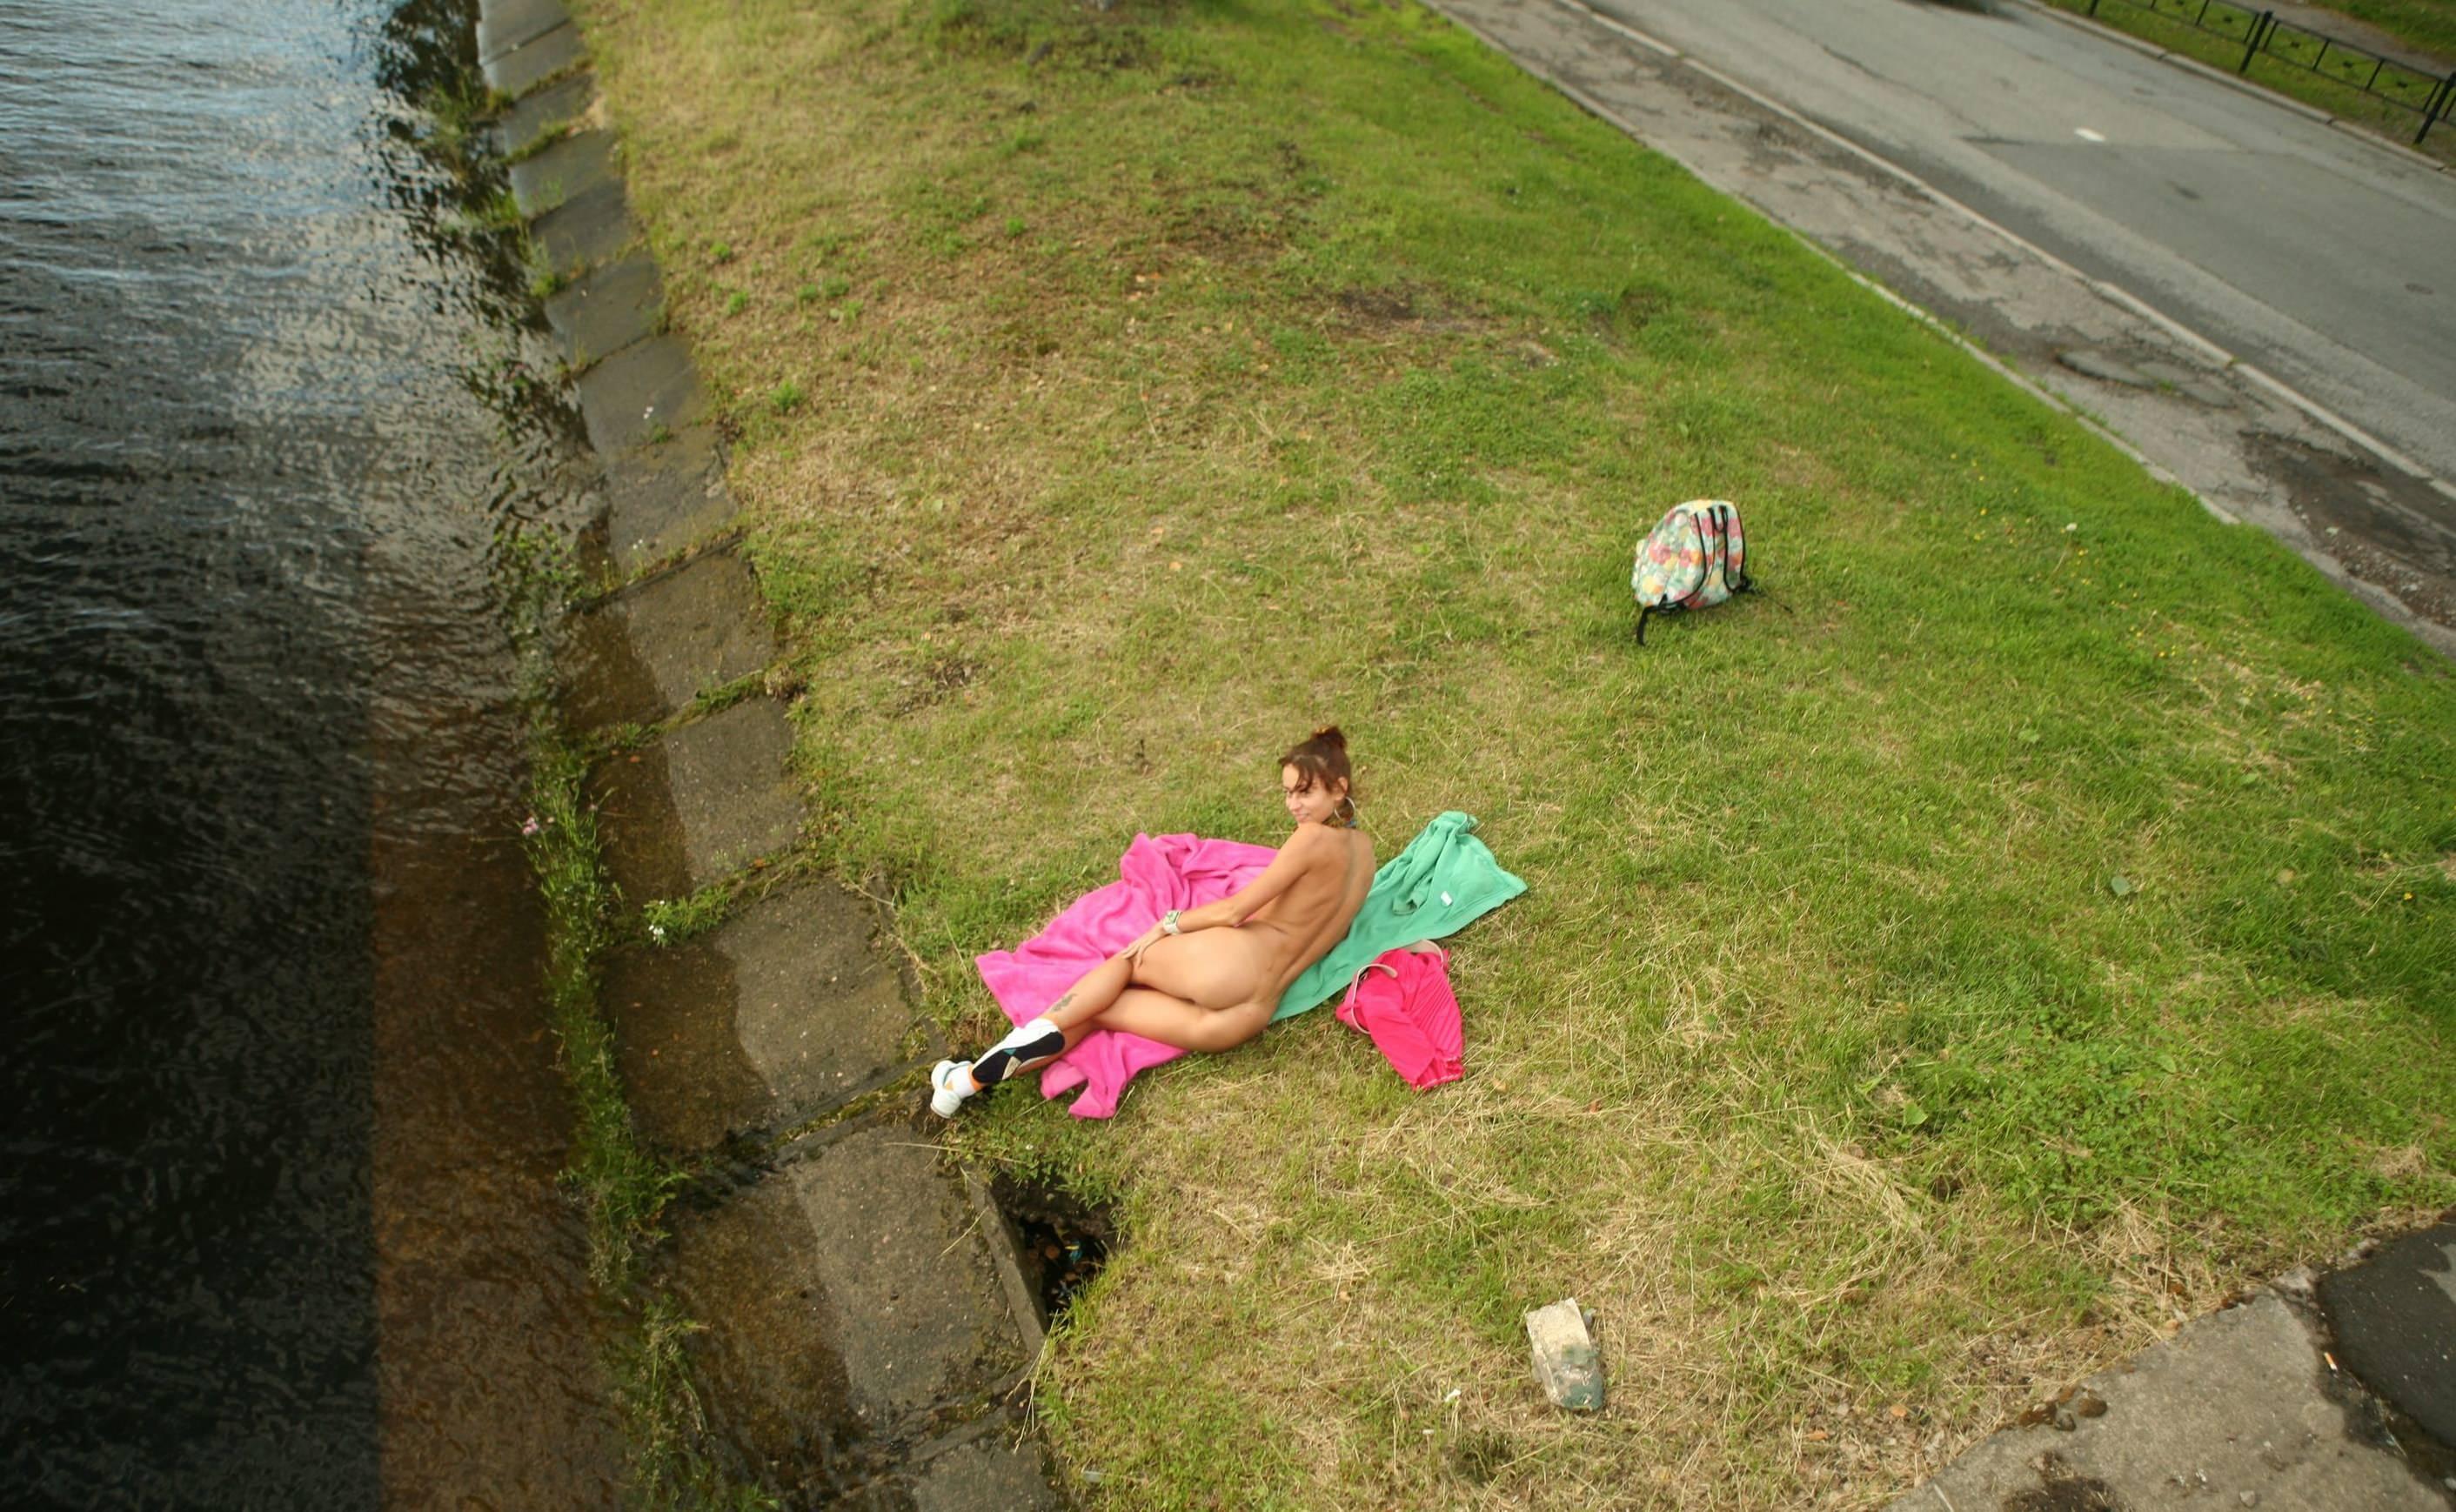 Фото Голая девушка разлеглась на городской набережной, скачать картинку бесплатно